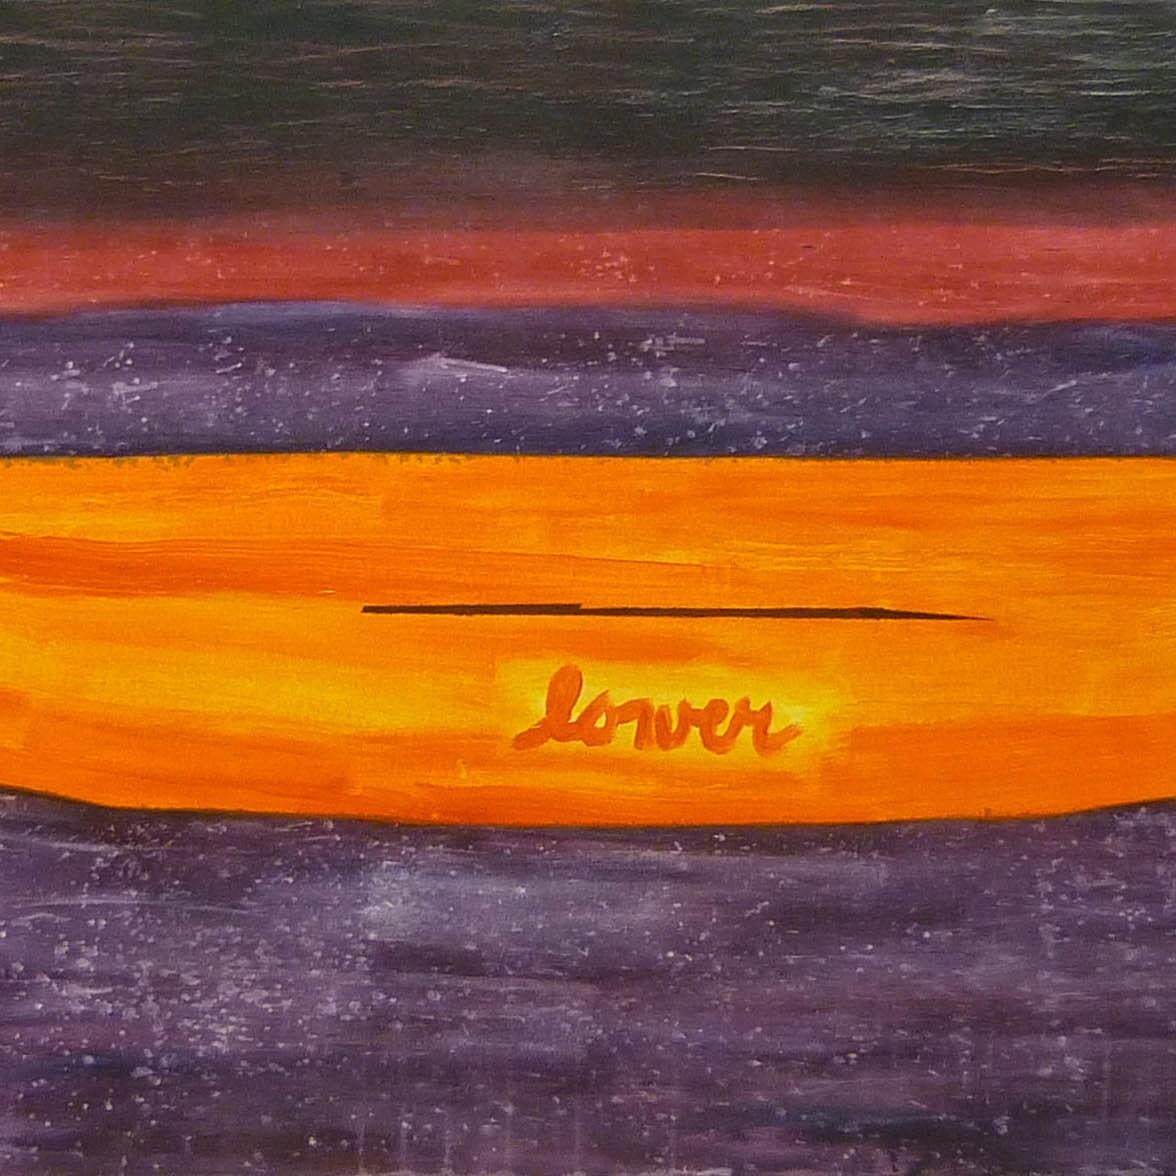 kánoj 2 / canoe 2, akryl na plátně / acrylic on canvas, 190x90 cm, 2012